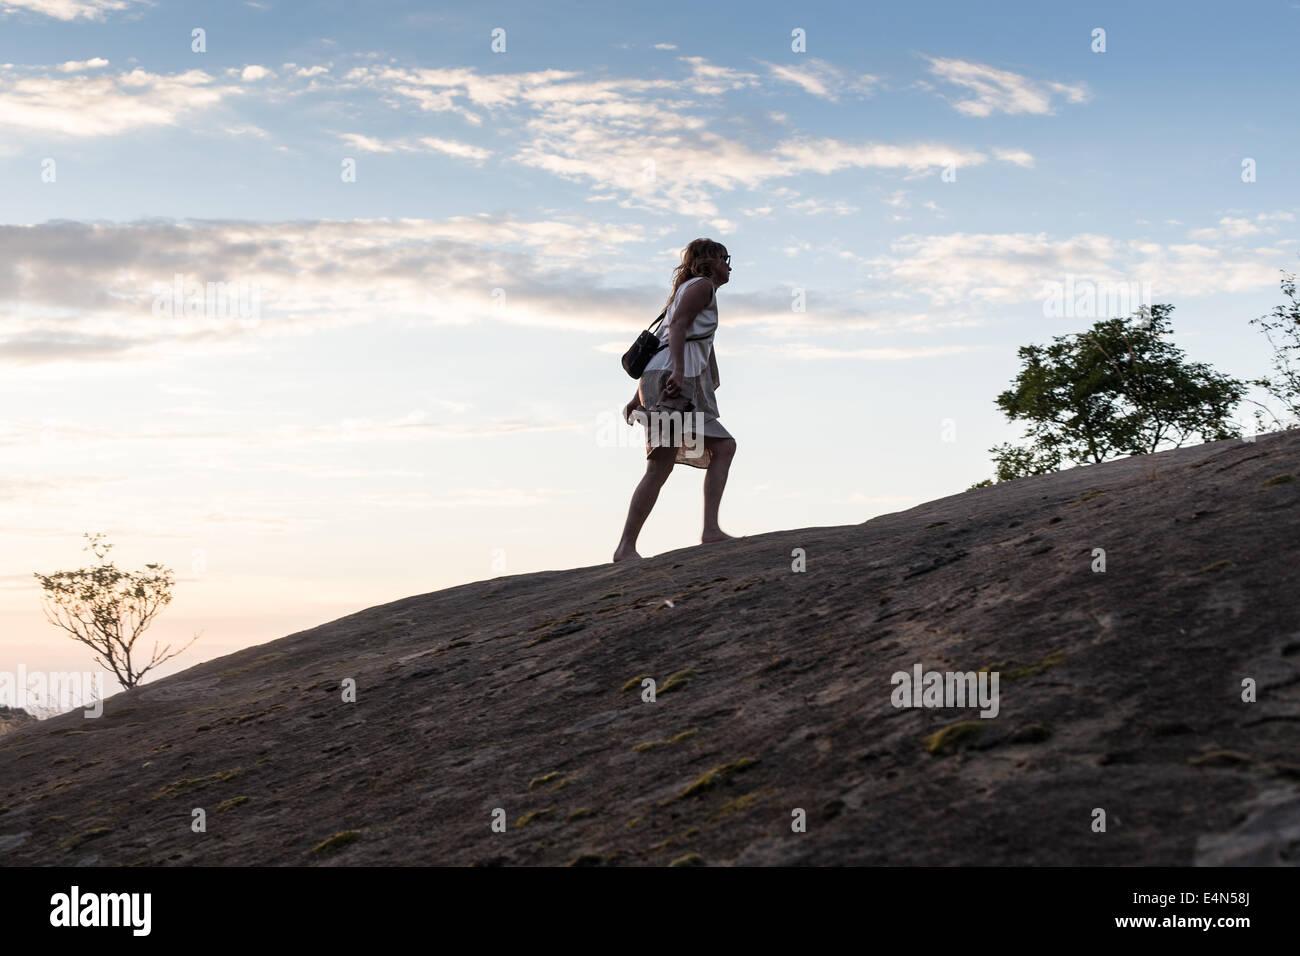 Damenkleid tragen zu Fuß hinauf Hügel halten Schuhe in Händen, als die Sonne untergeht Stockbild